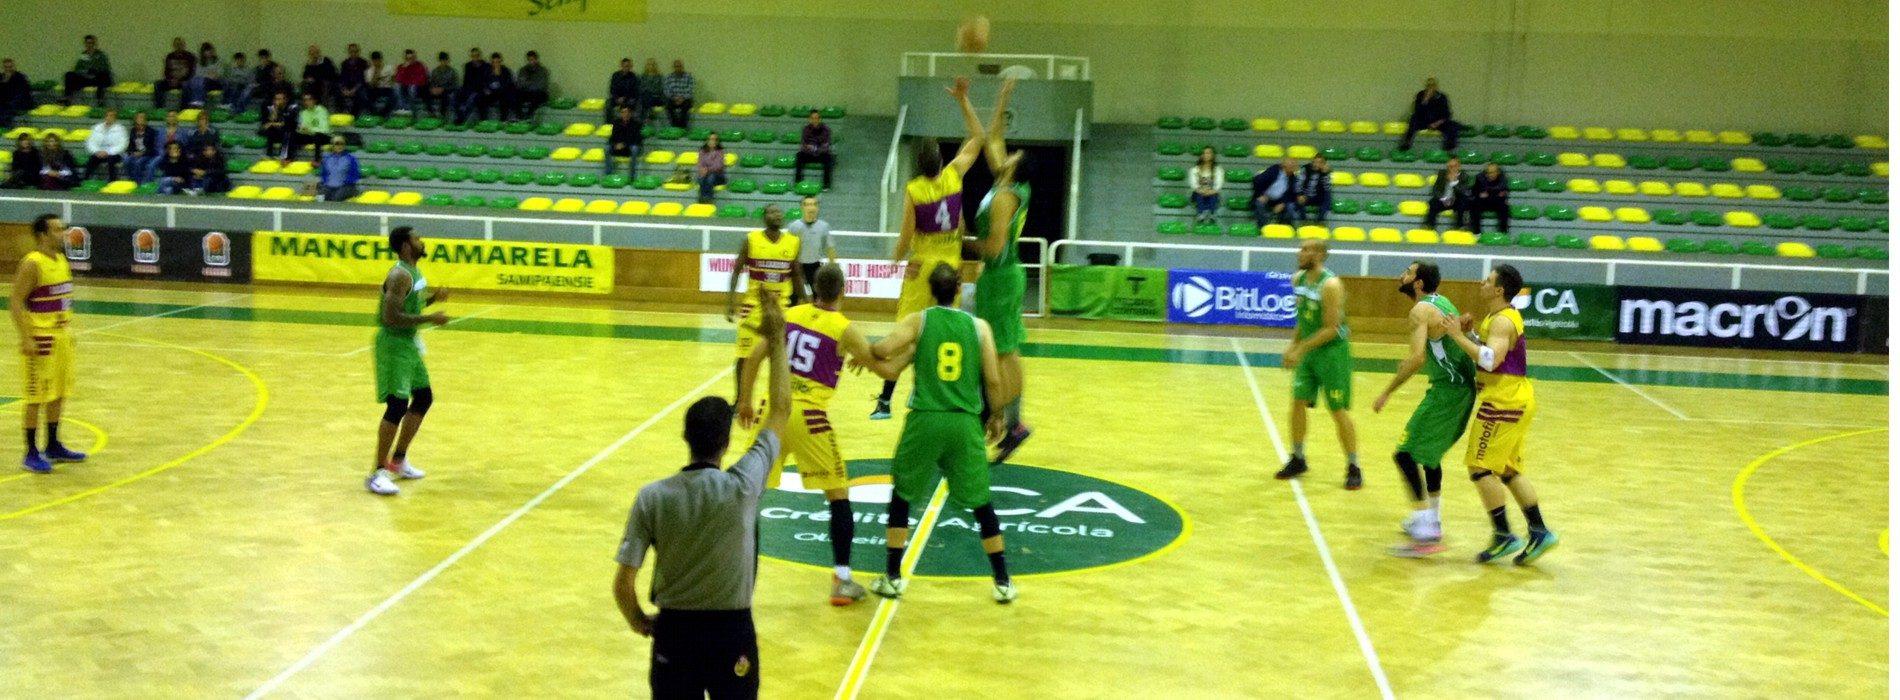 Sampaense Basket perde frente ao Illiabum (73-87) e continua sem vencer na LPB Placard.